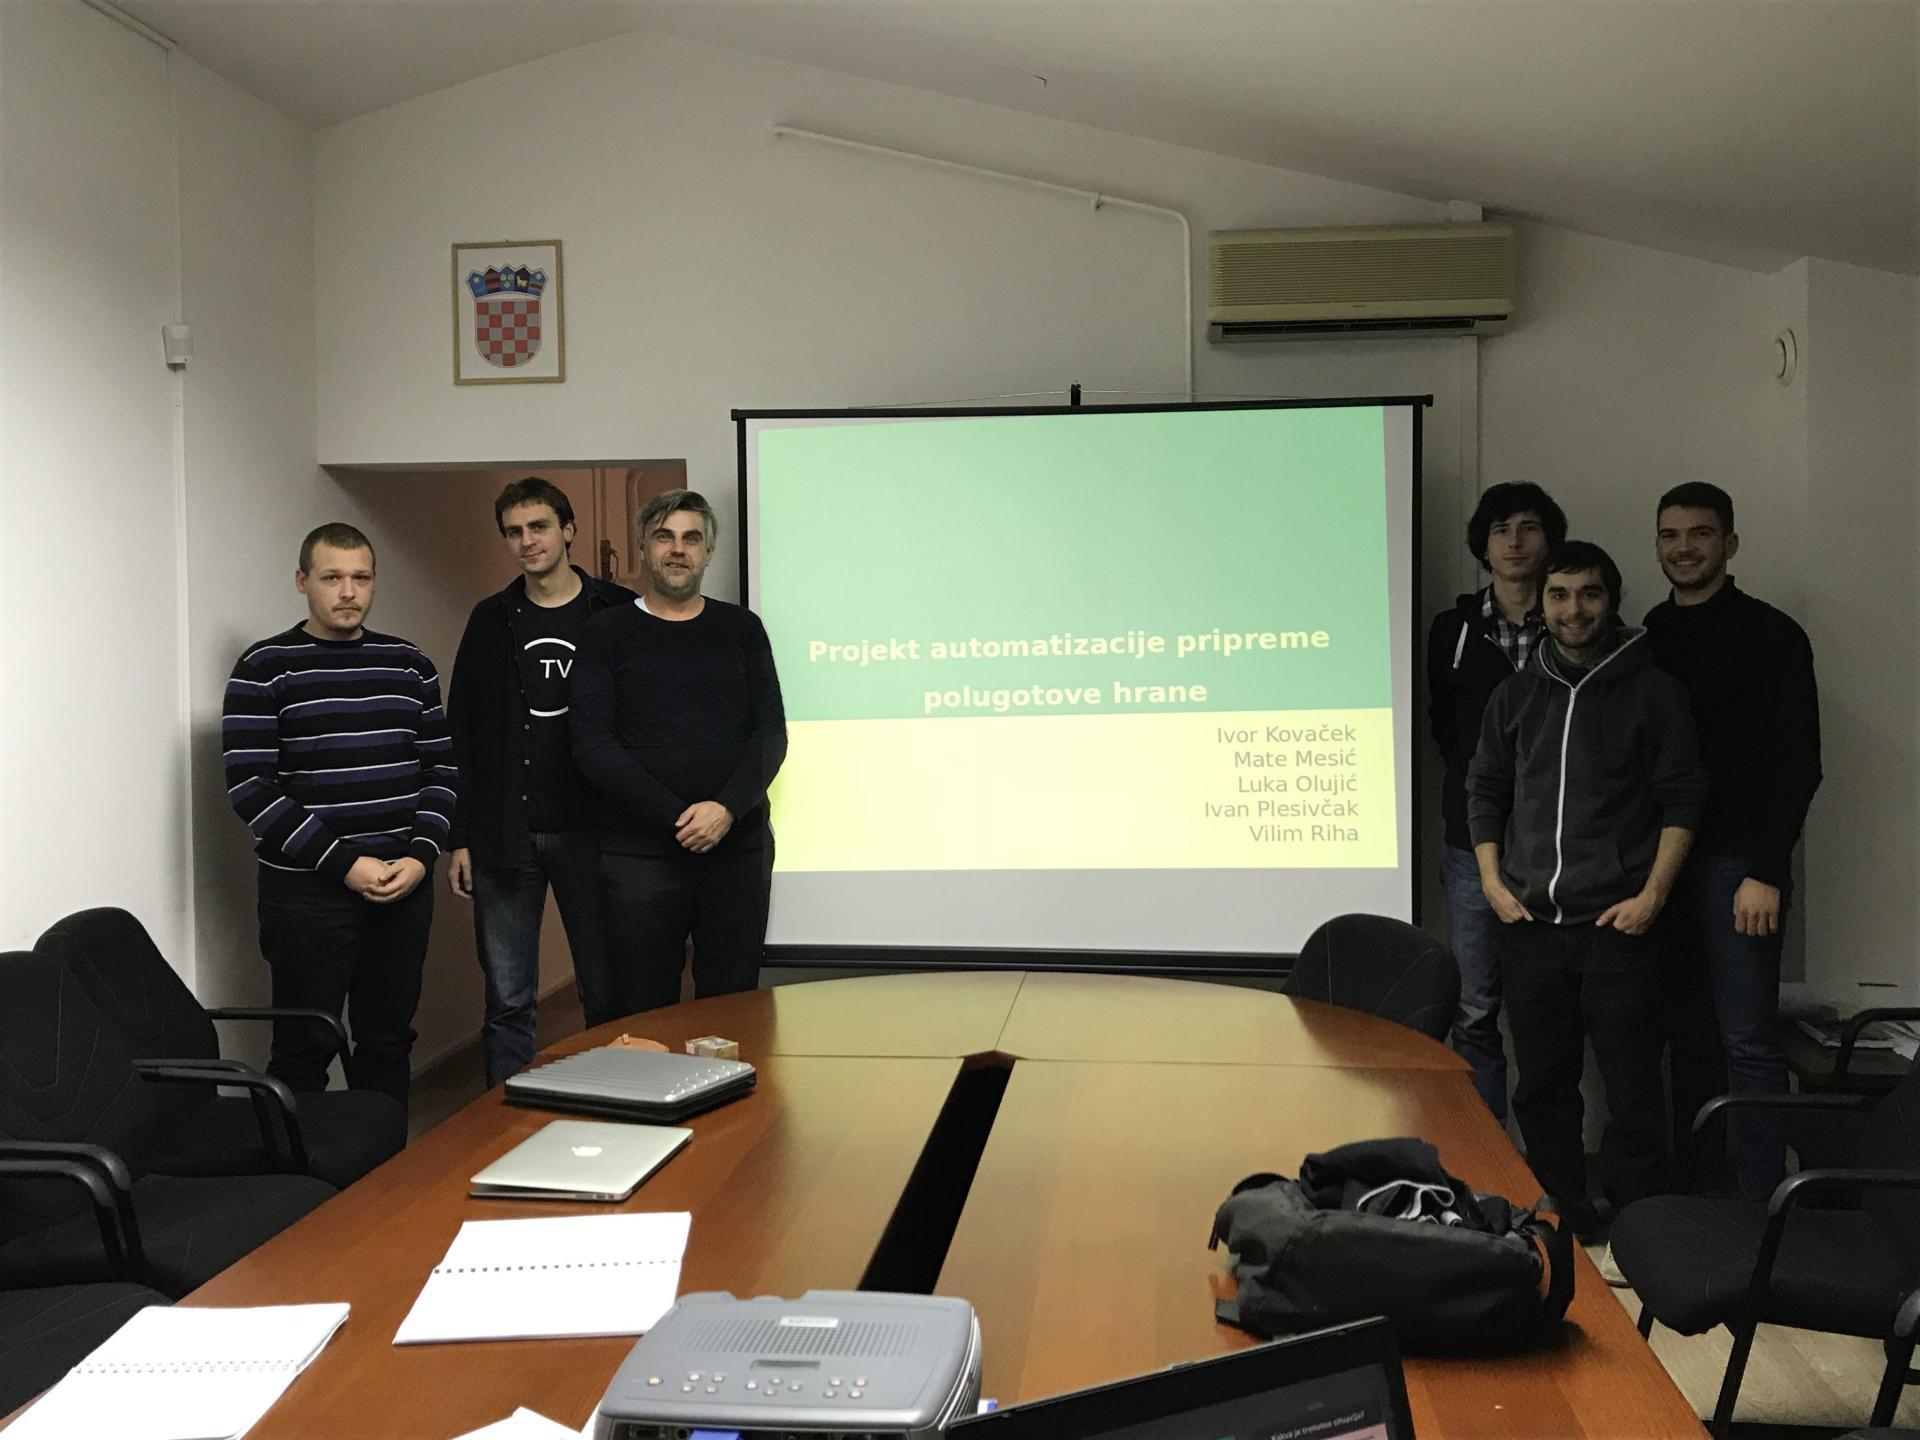 Vijest: Studenti prezentirali CISS-u inovaciju za prehrambenu industriju